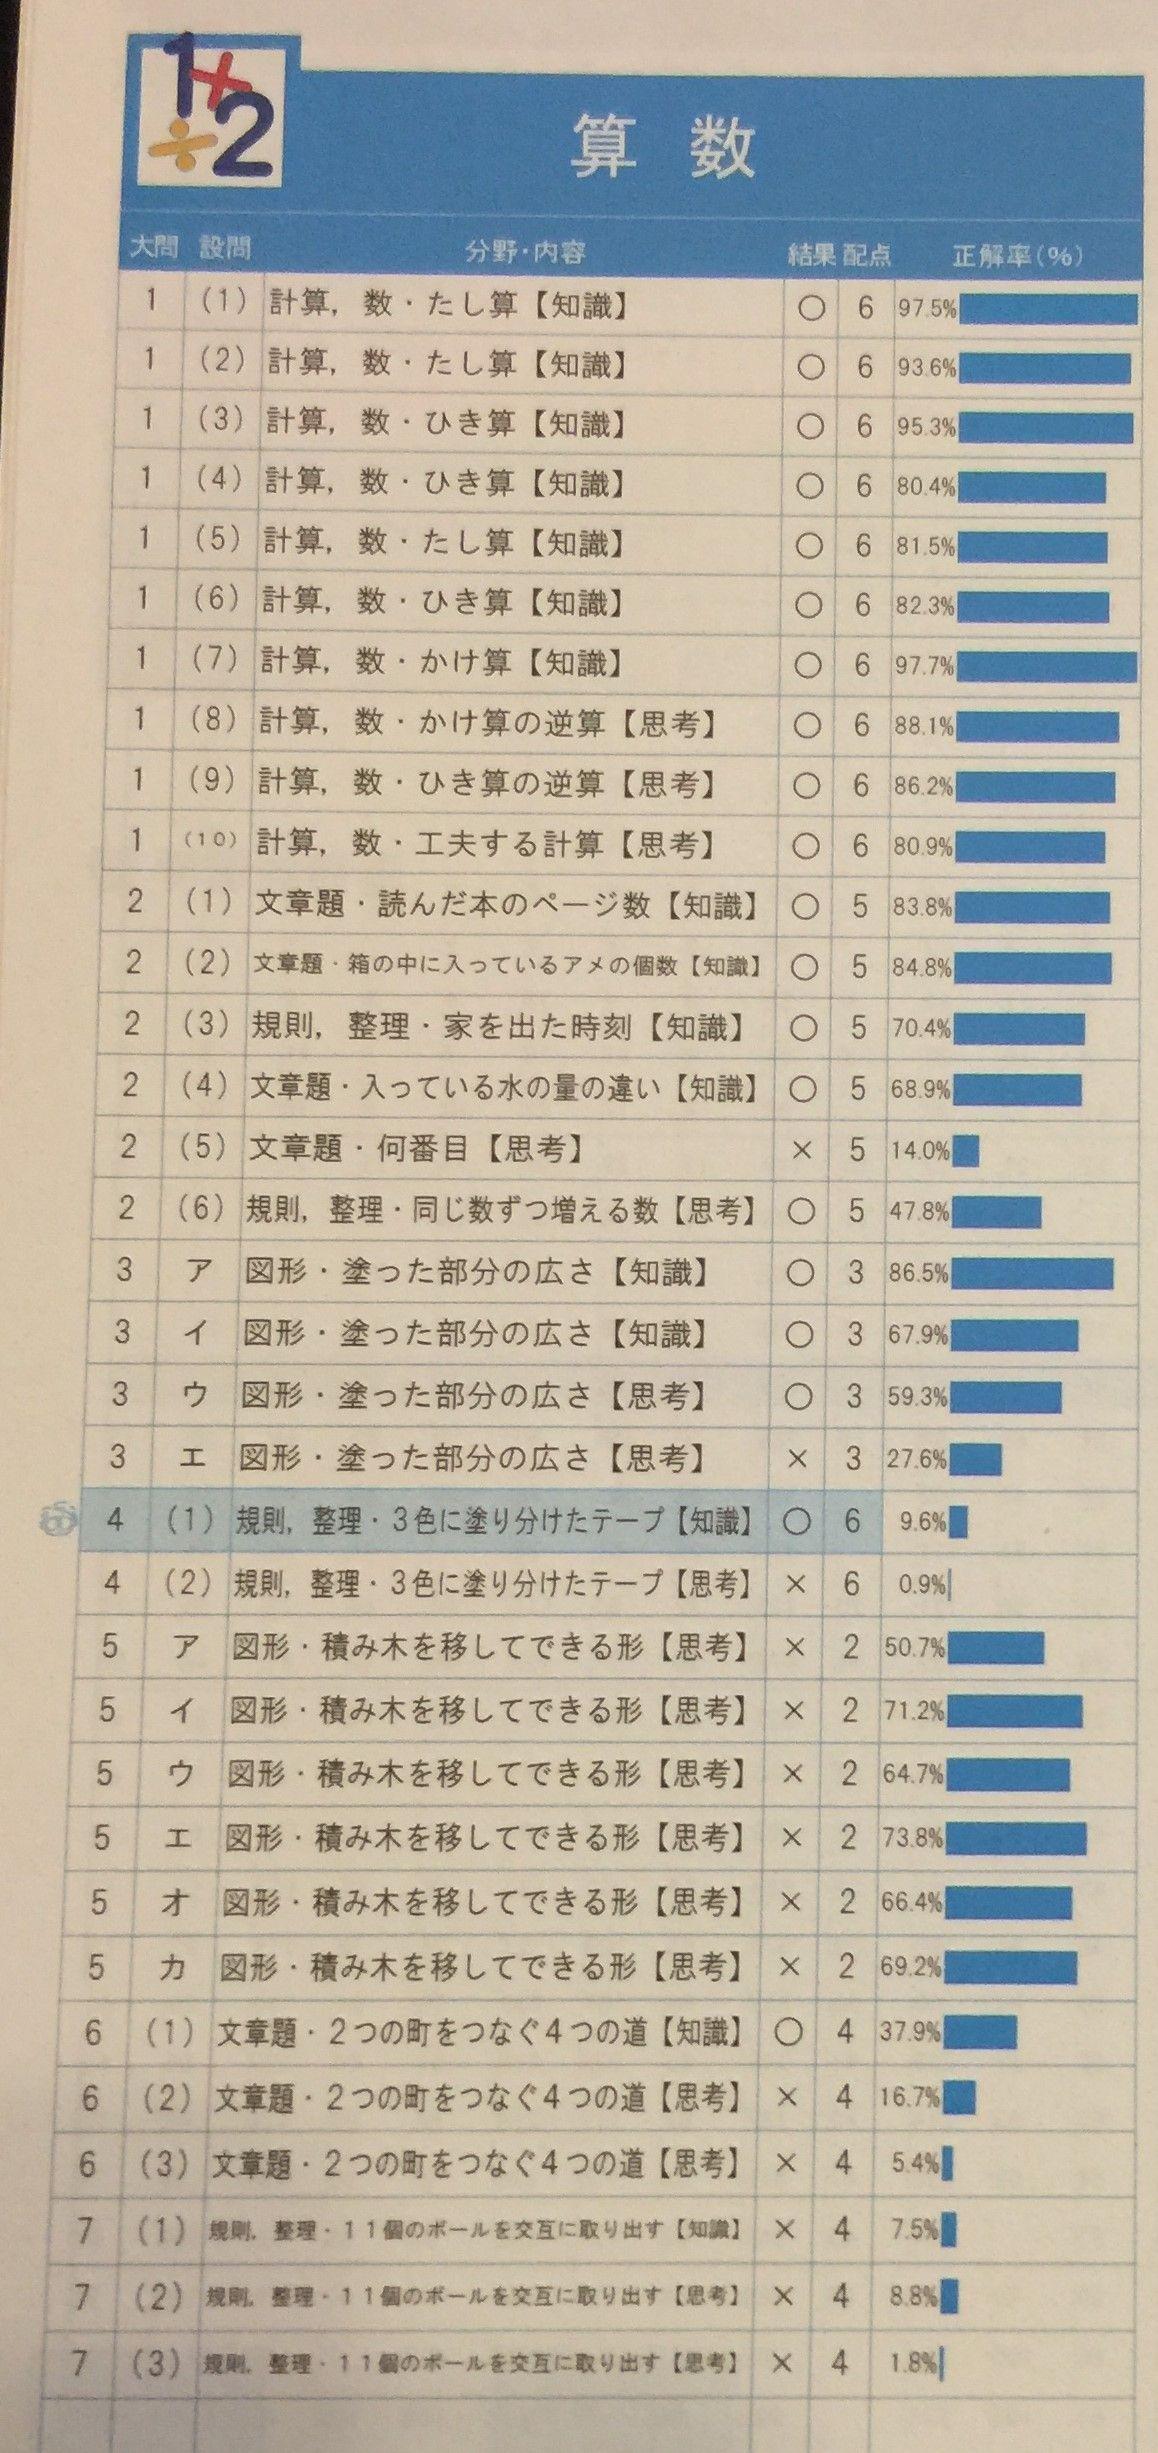 テスト 2019 全国 統一 結果 小学生